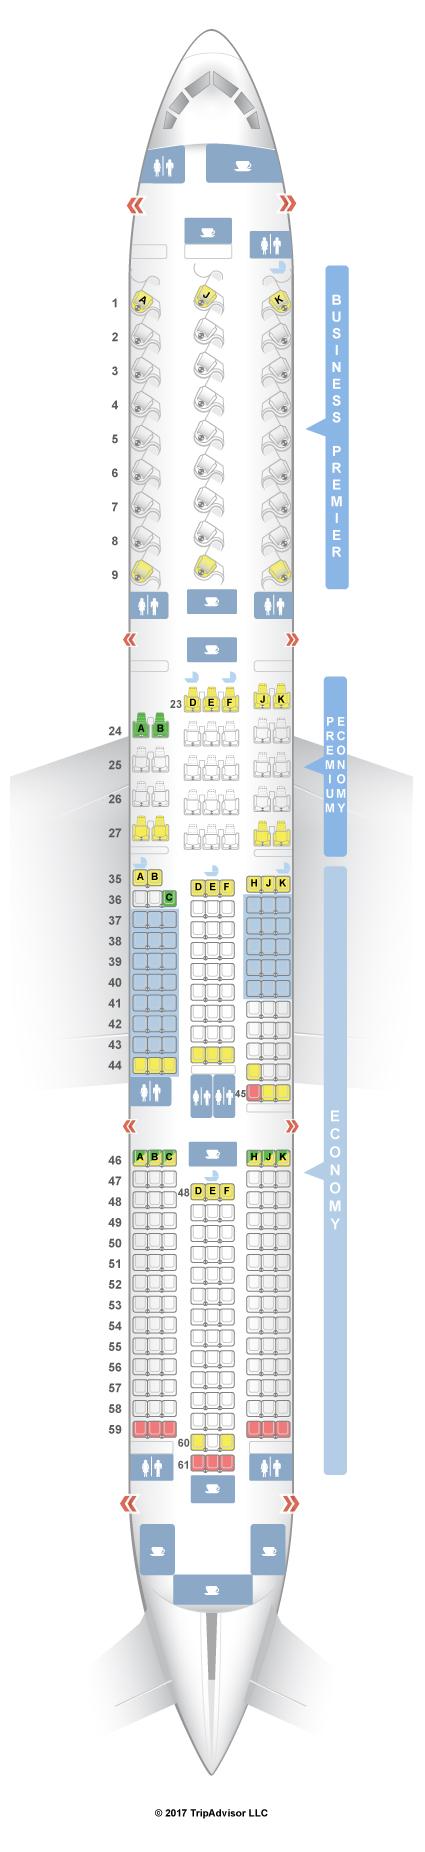 SeatGuru Seat Map Air New Zealand